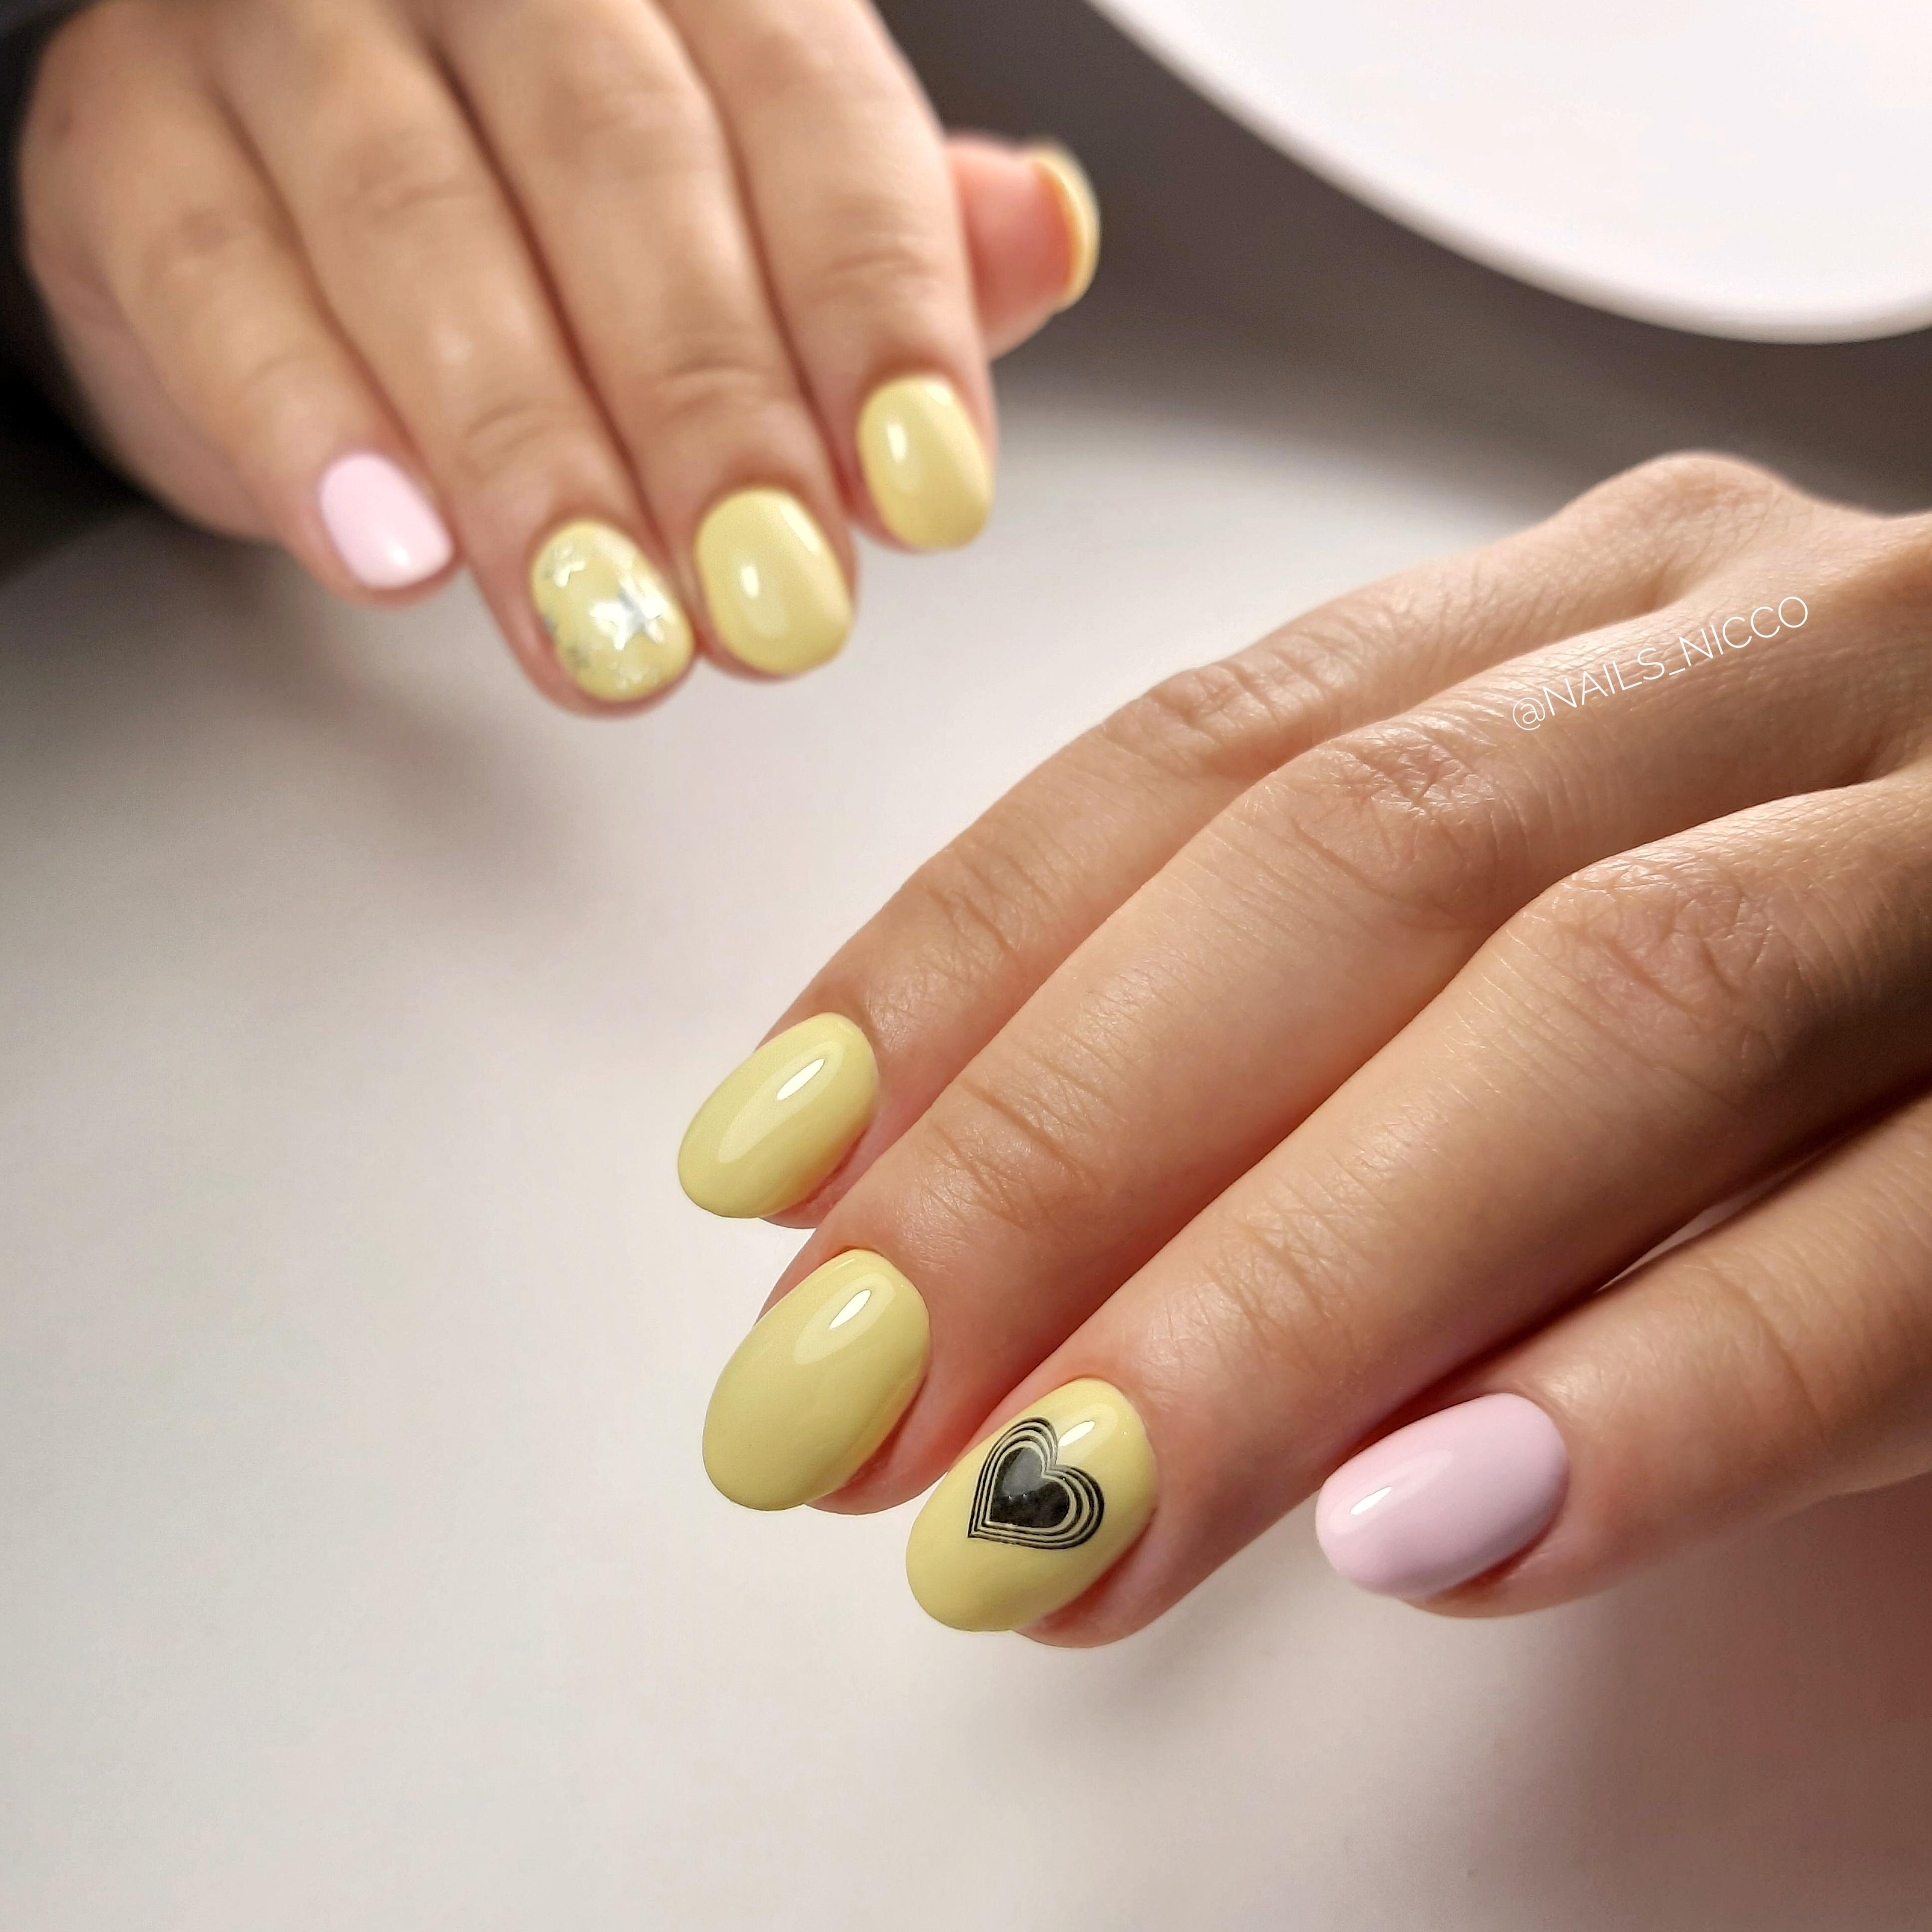 Маникюр с сердечками в желтом цвете на короткие ногти.